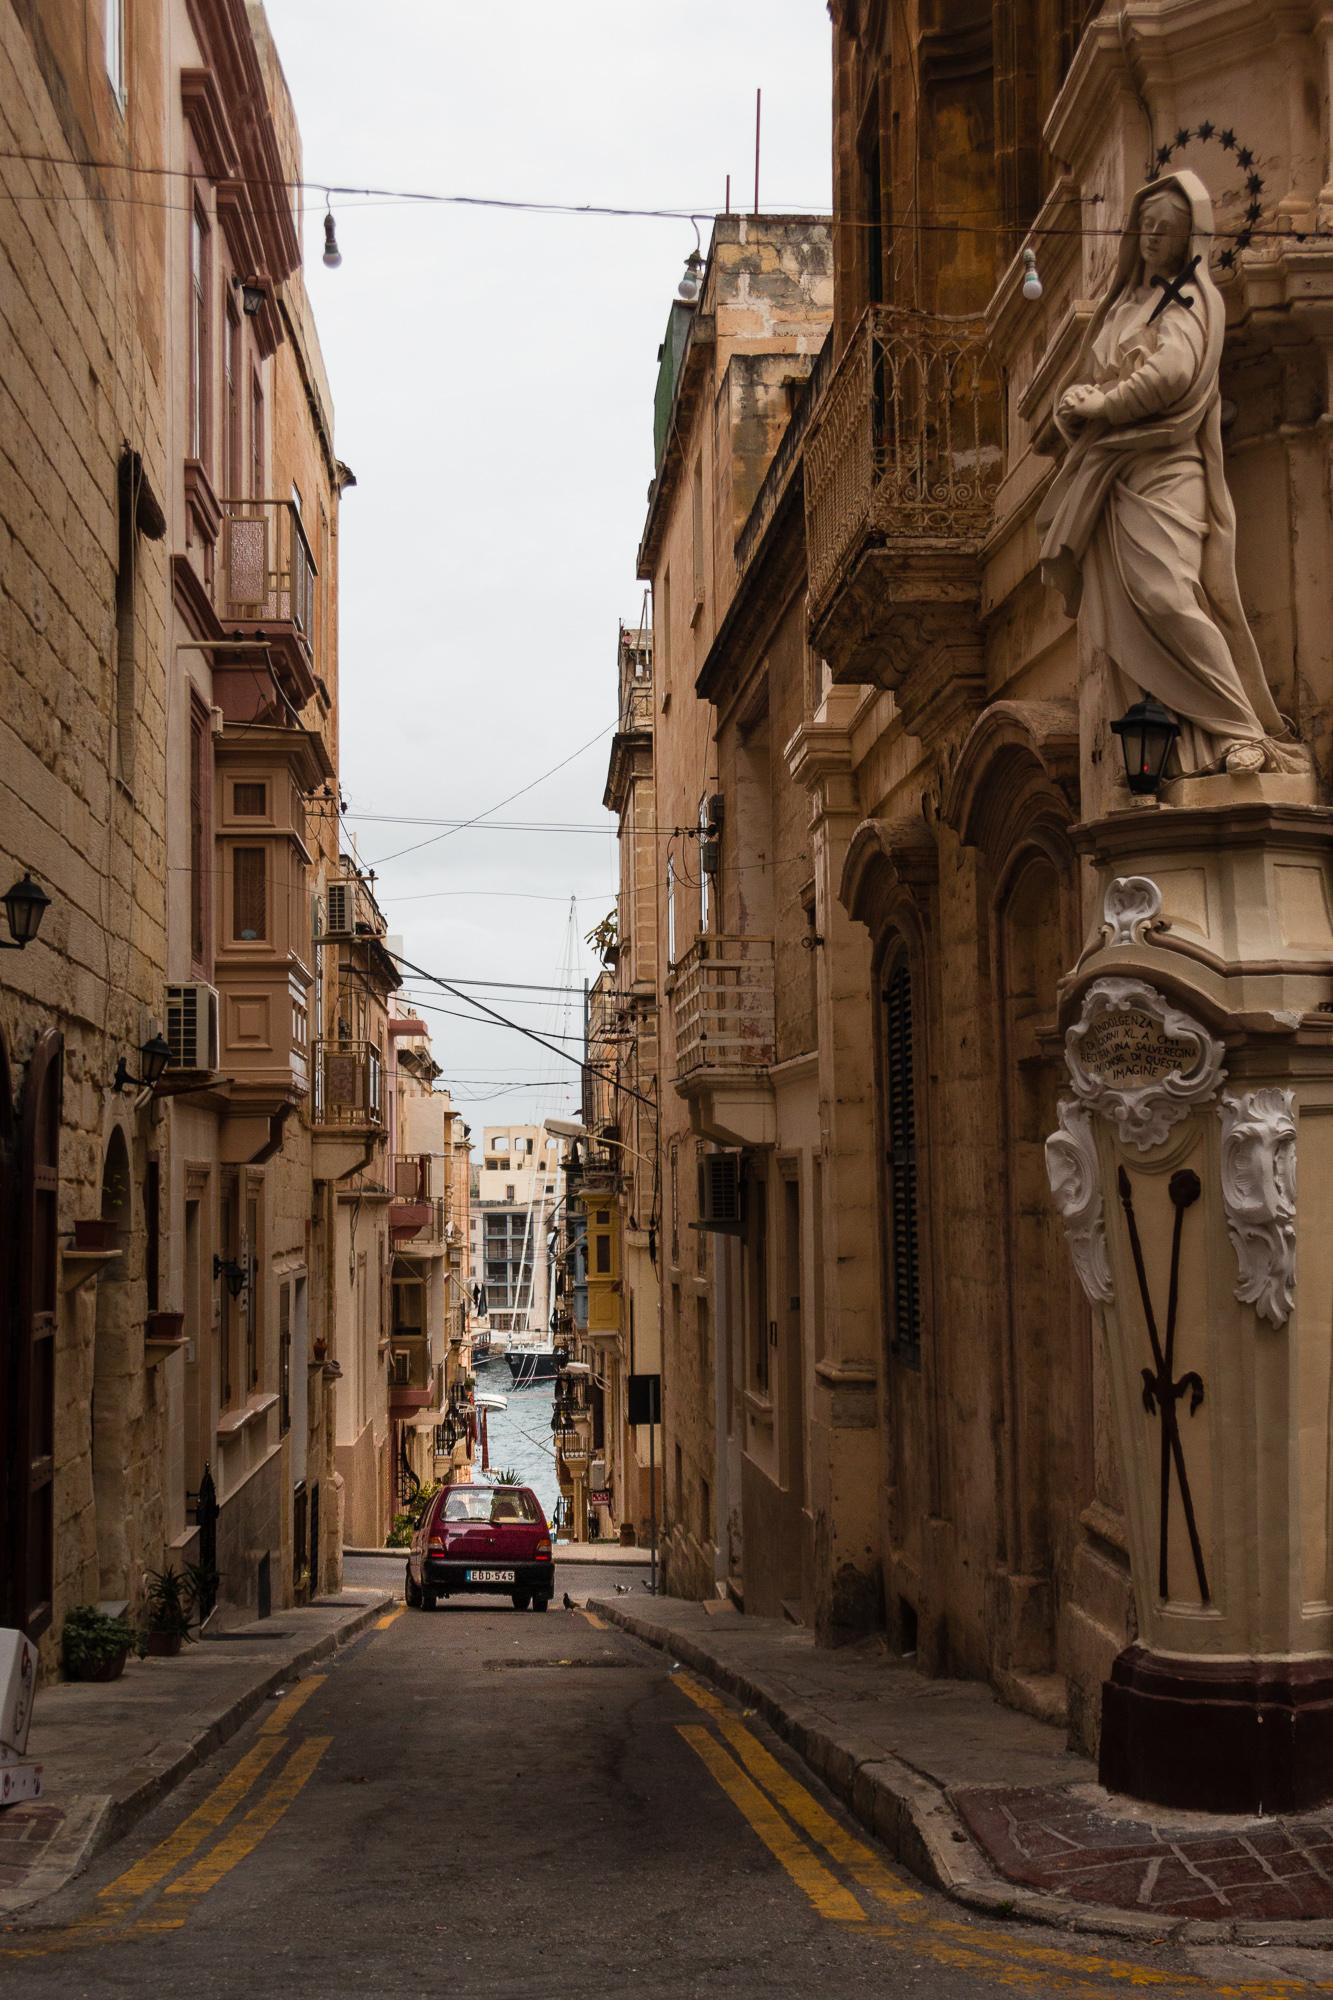 rue étroite 3 cités